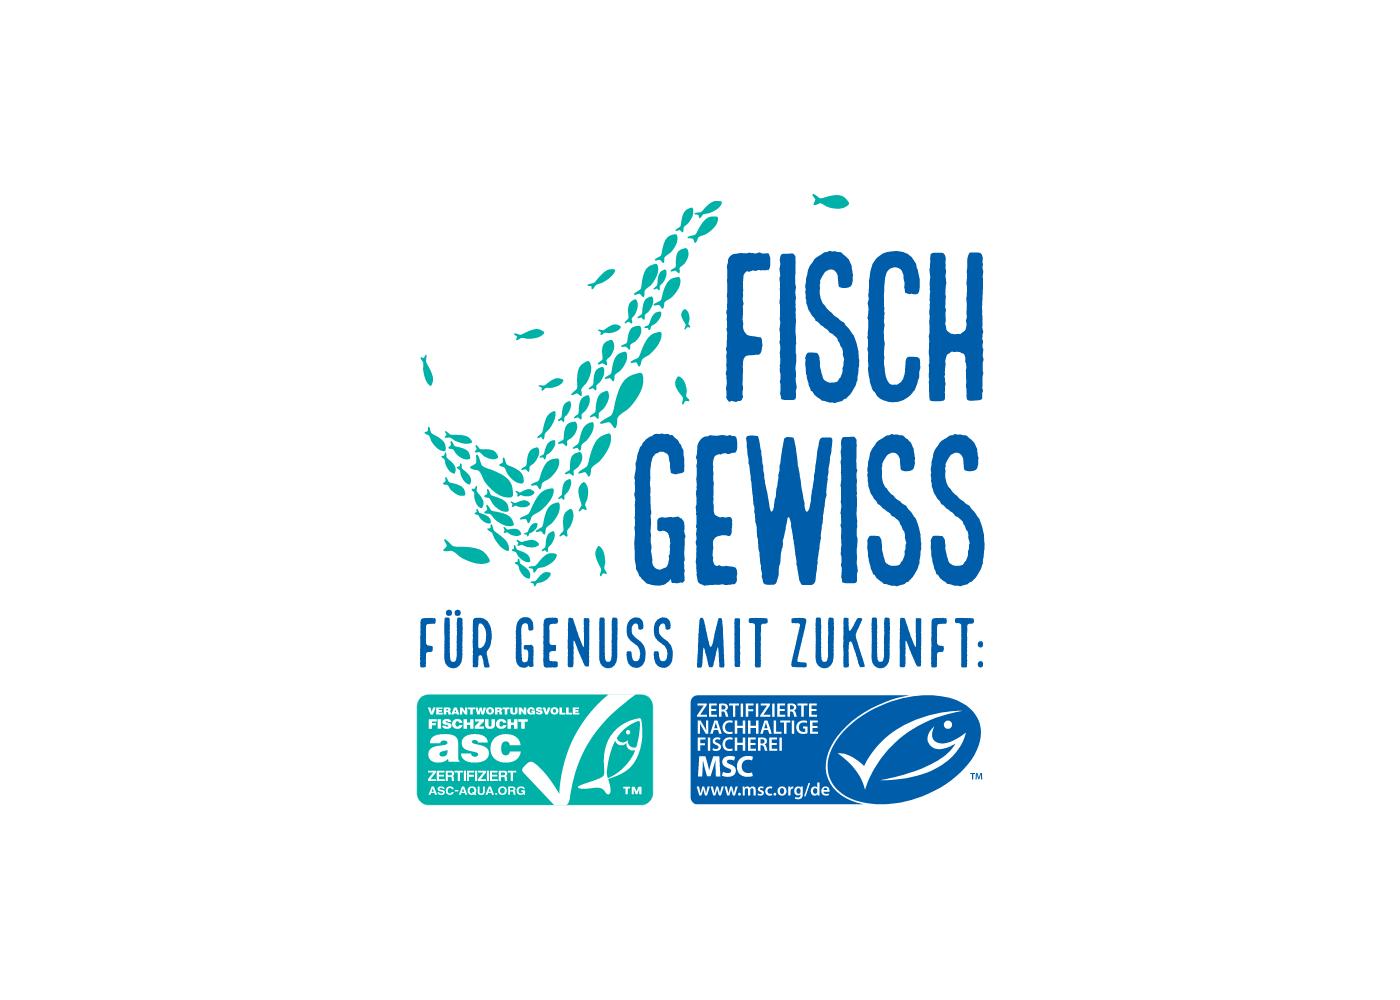 Fisch Gewiss Logogestaltung